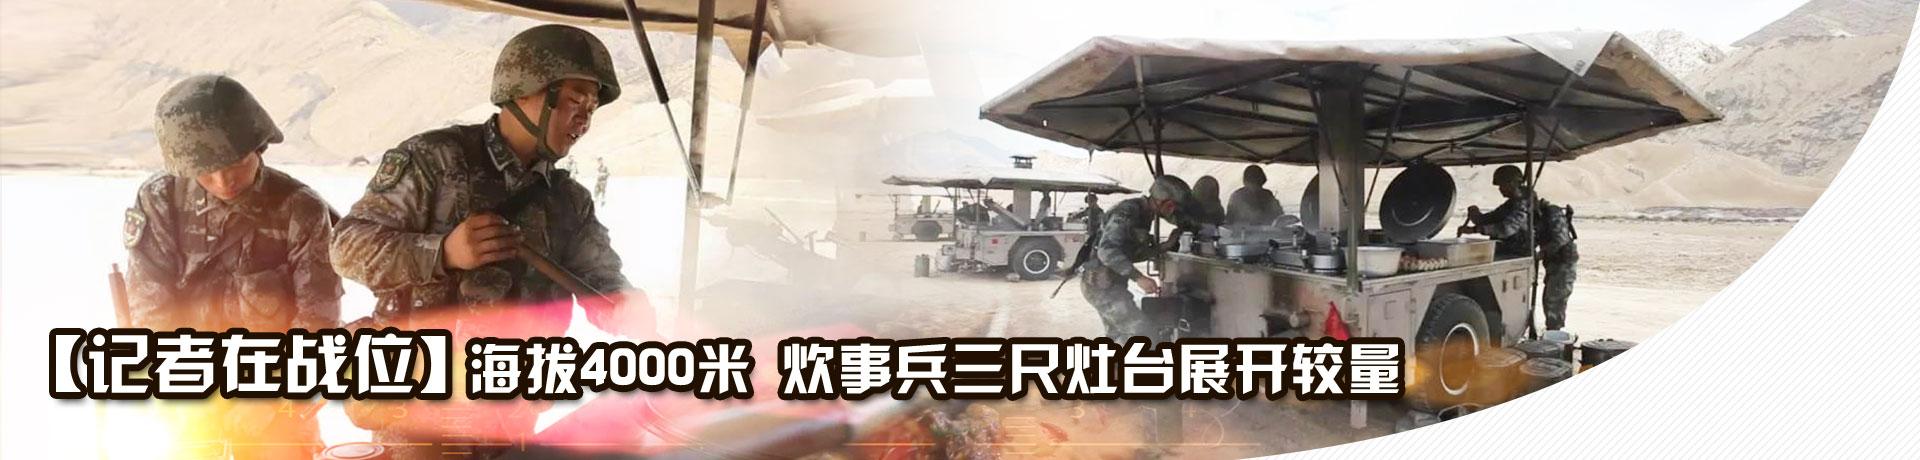 【记者在战位】海拔4000米 炊事兵三尺灶台展开较量